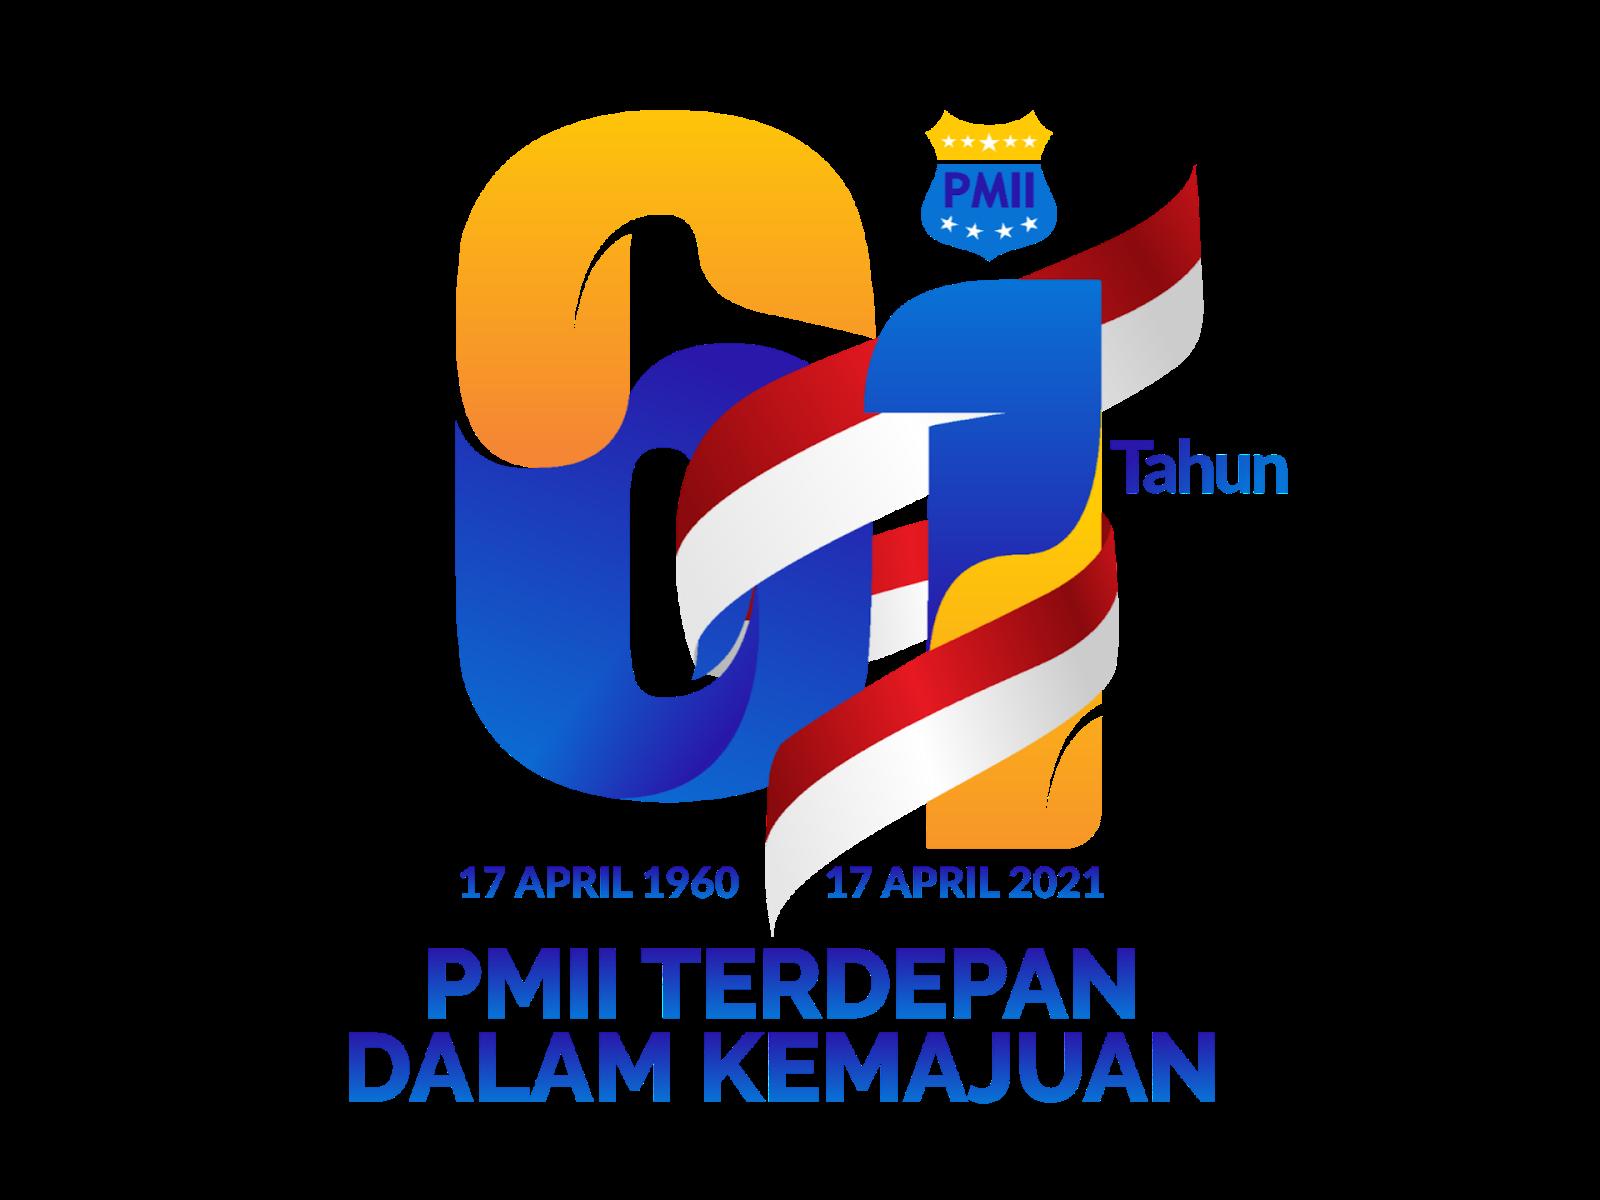 Logo Harlah PMII ke 61 Tahun Format PNG